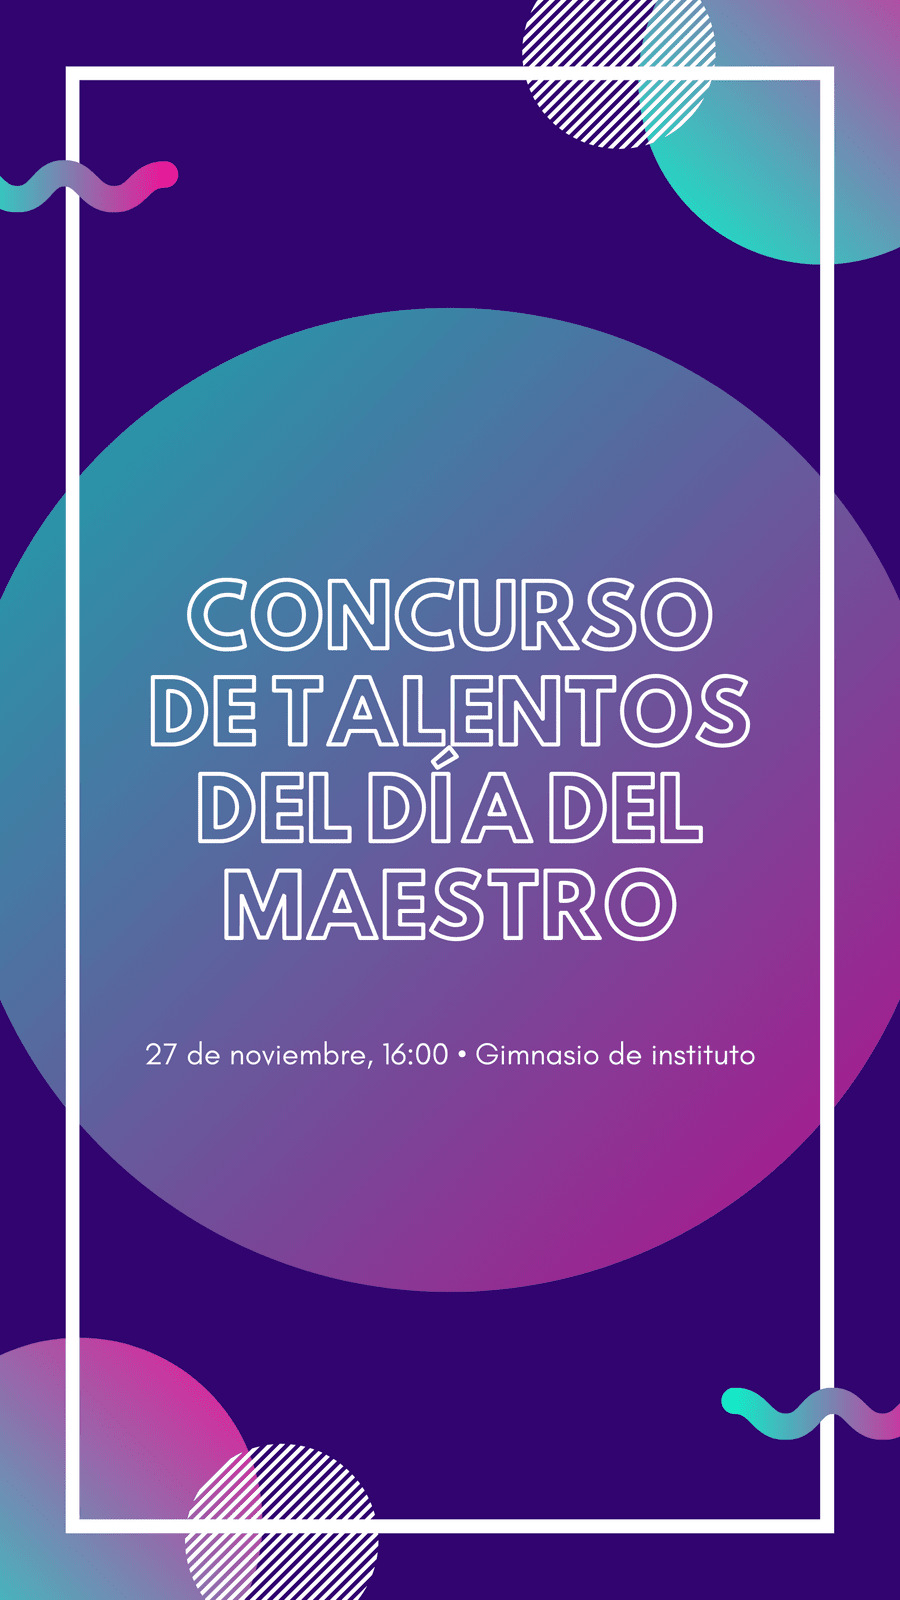 Moderno Evento del Día Nacional del Maestro Historia de Instagram